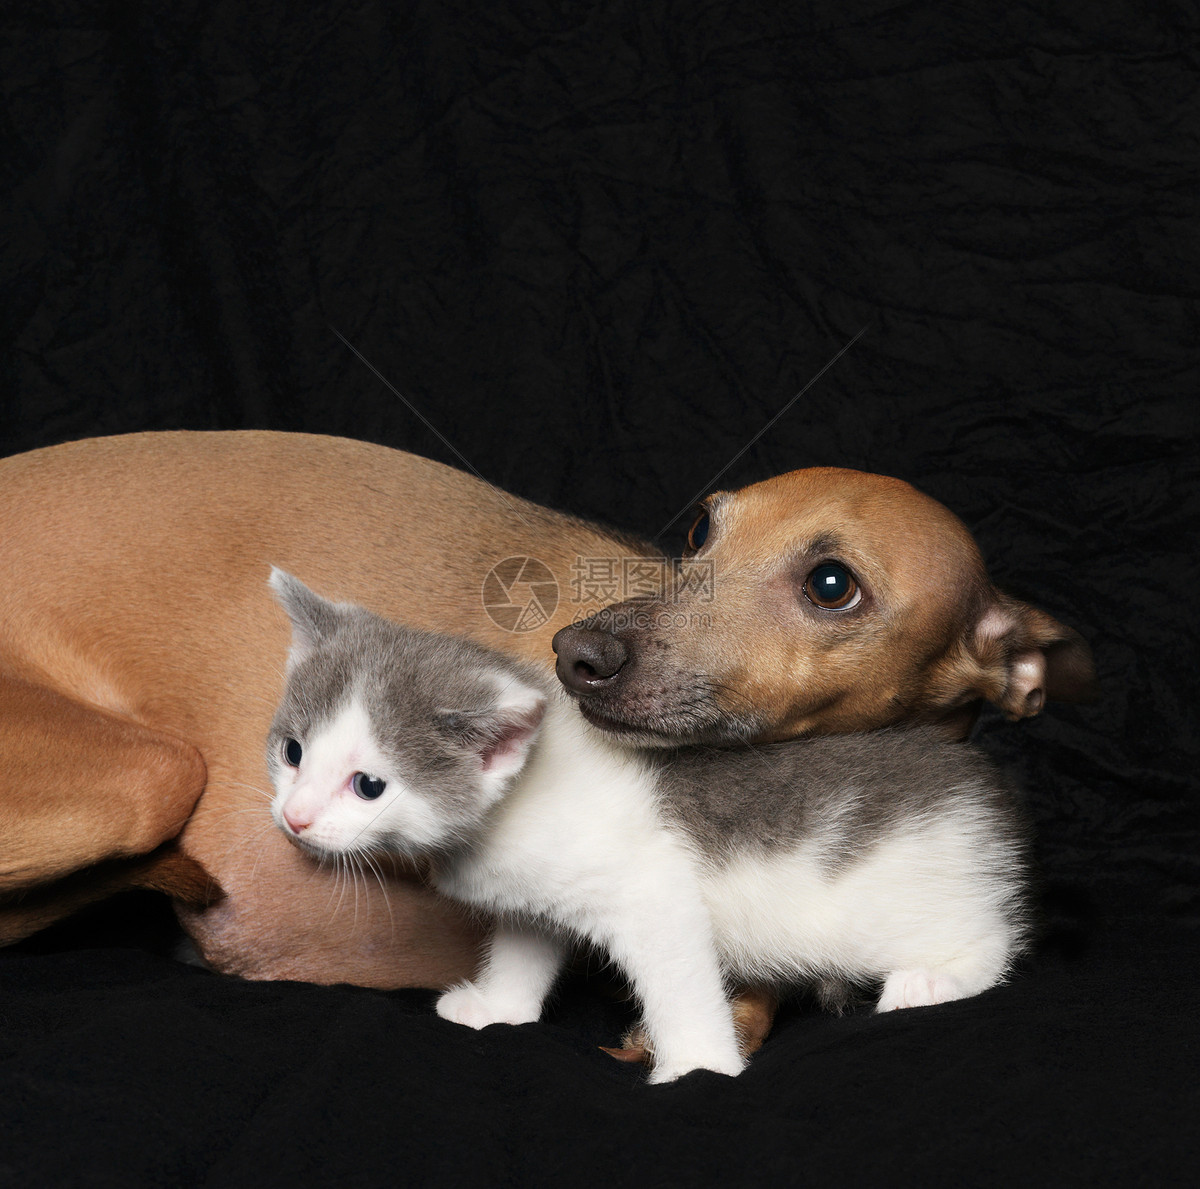 黑色背景的猫和狗图片